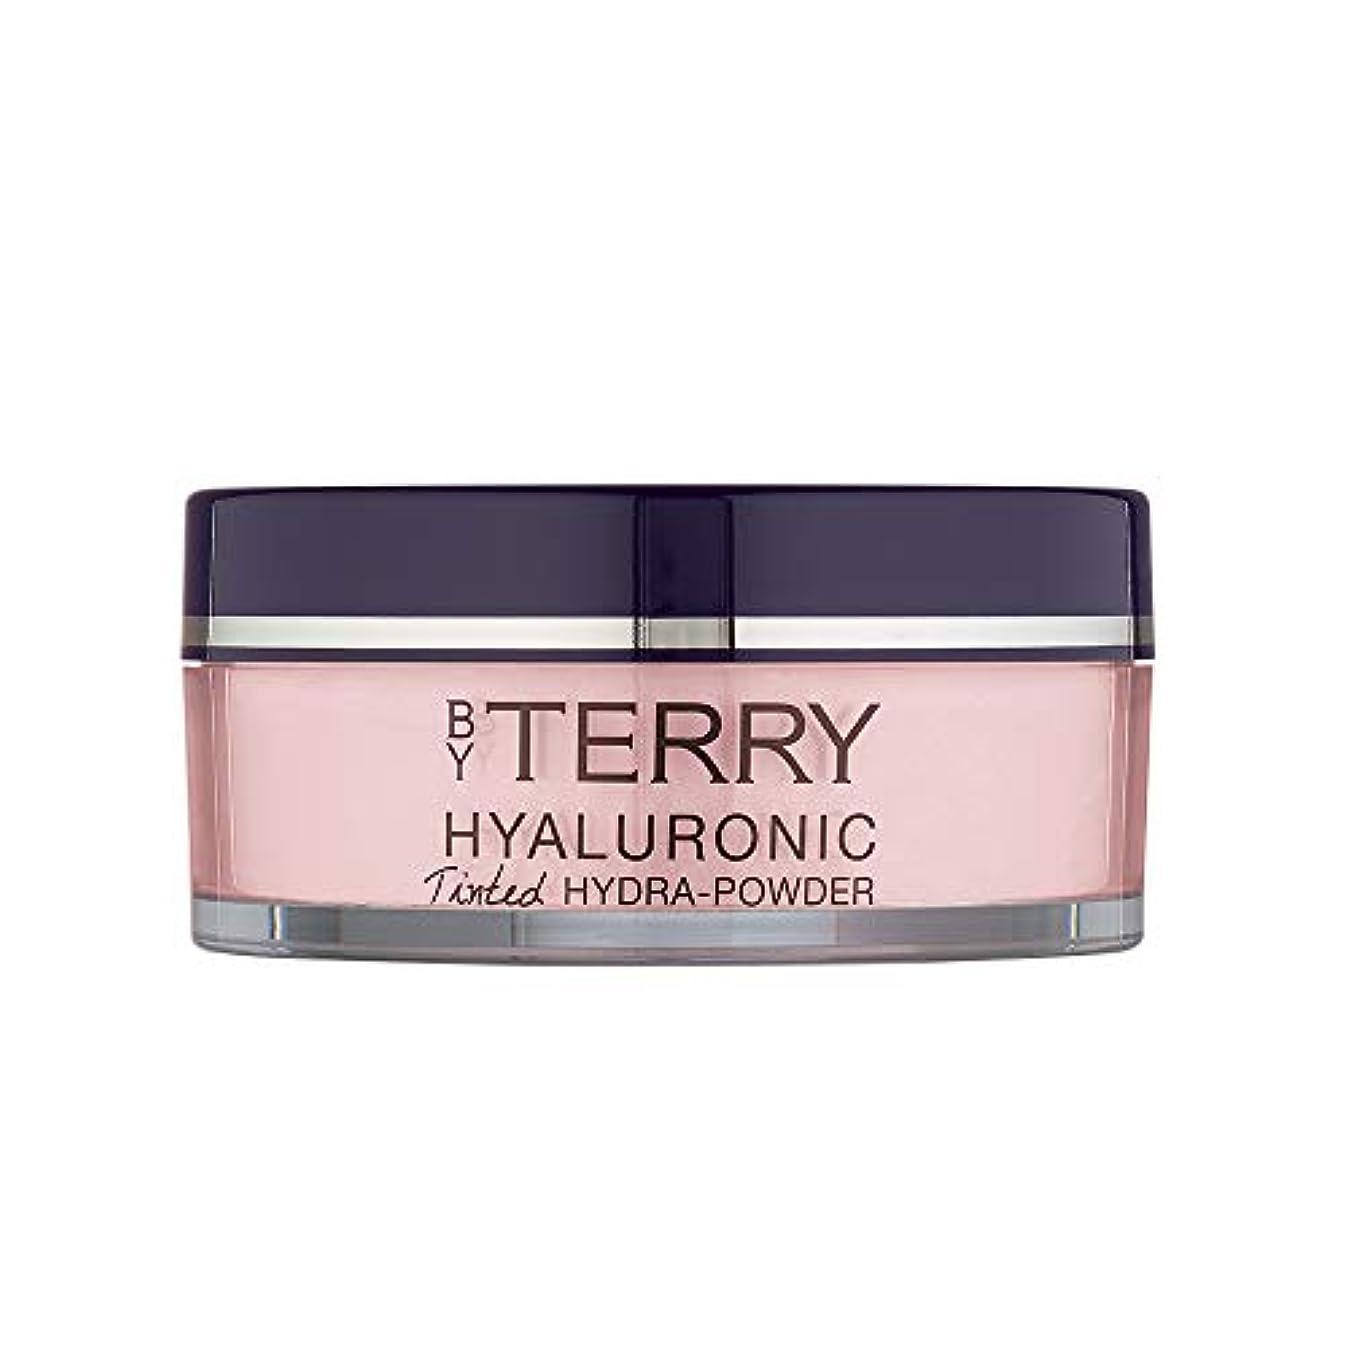 かなり葉巻意図バイテリー Hyaluronic Tinted Hydra Care Setting Powder - # 1 Rosy Light 10g/0.35oz並行輸入品